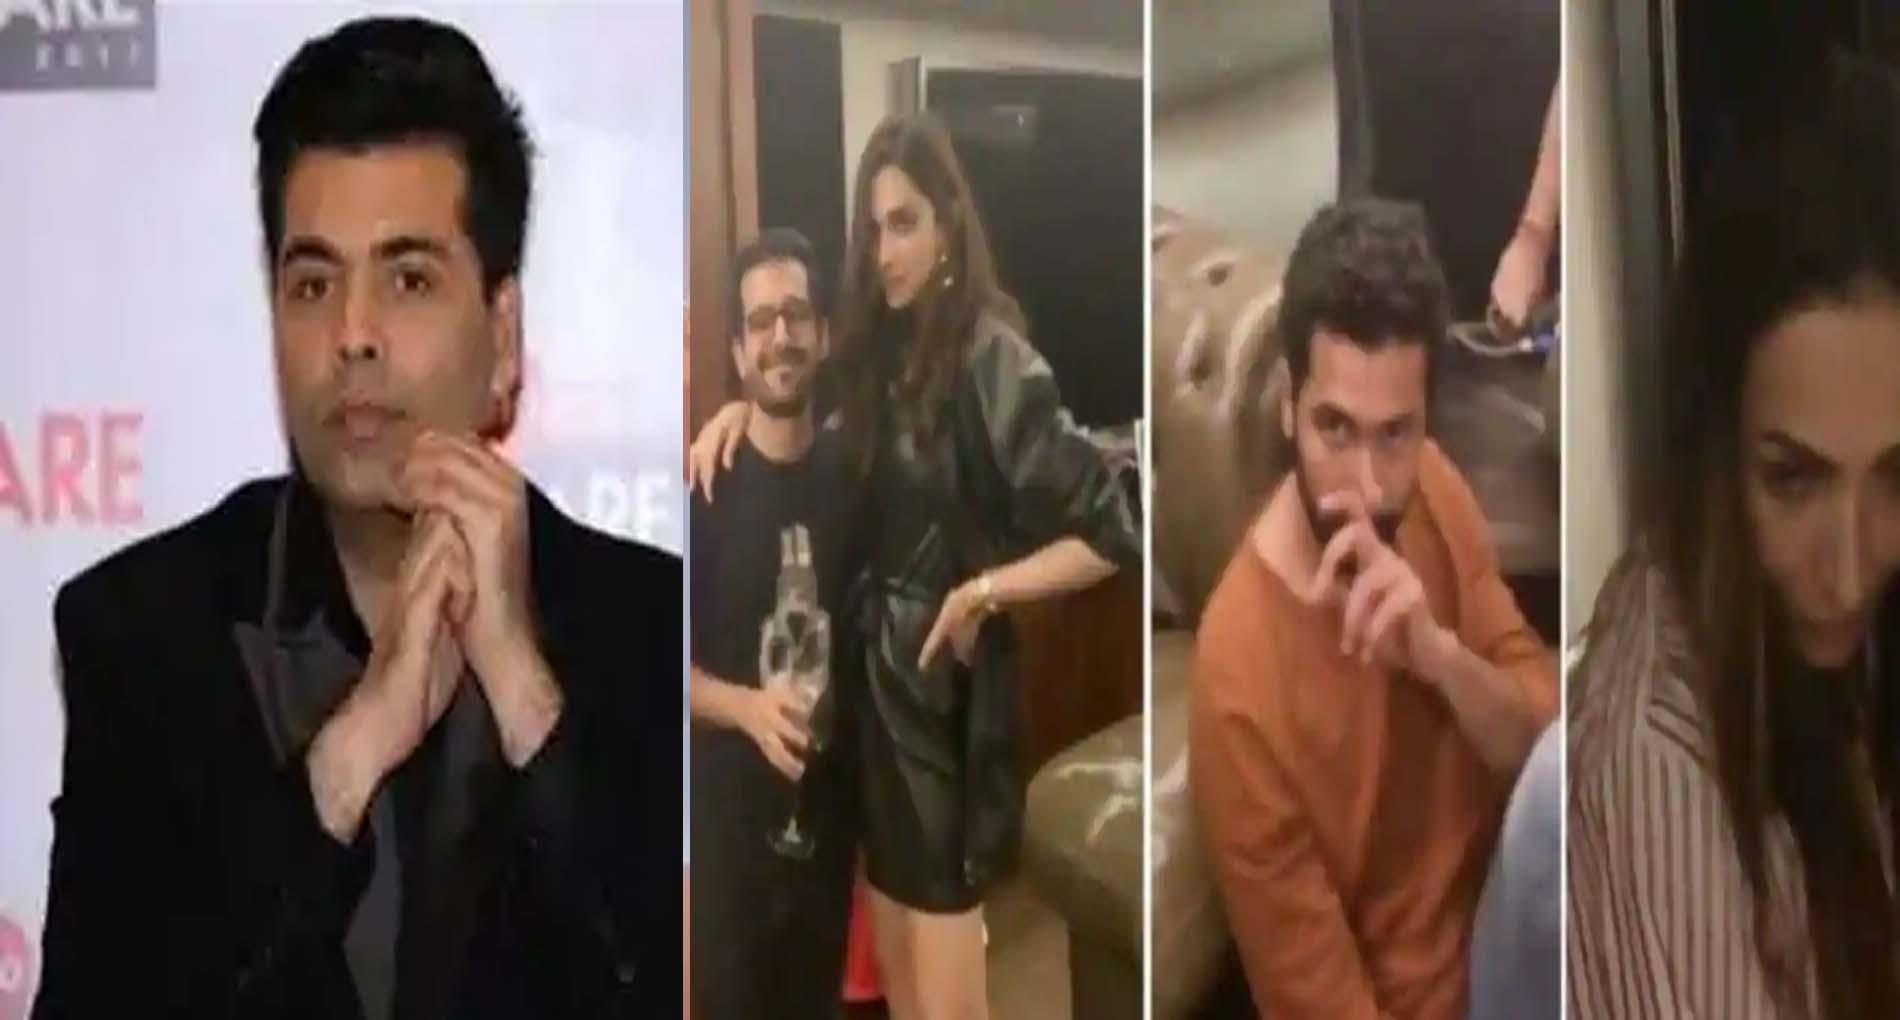 करण जौहर के घर हुई पार्टी की फॉरेंसिक रिपोर्ट आई सामने, बढ़ सकती है सितारों की मुश्किलें!